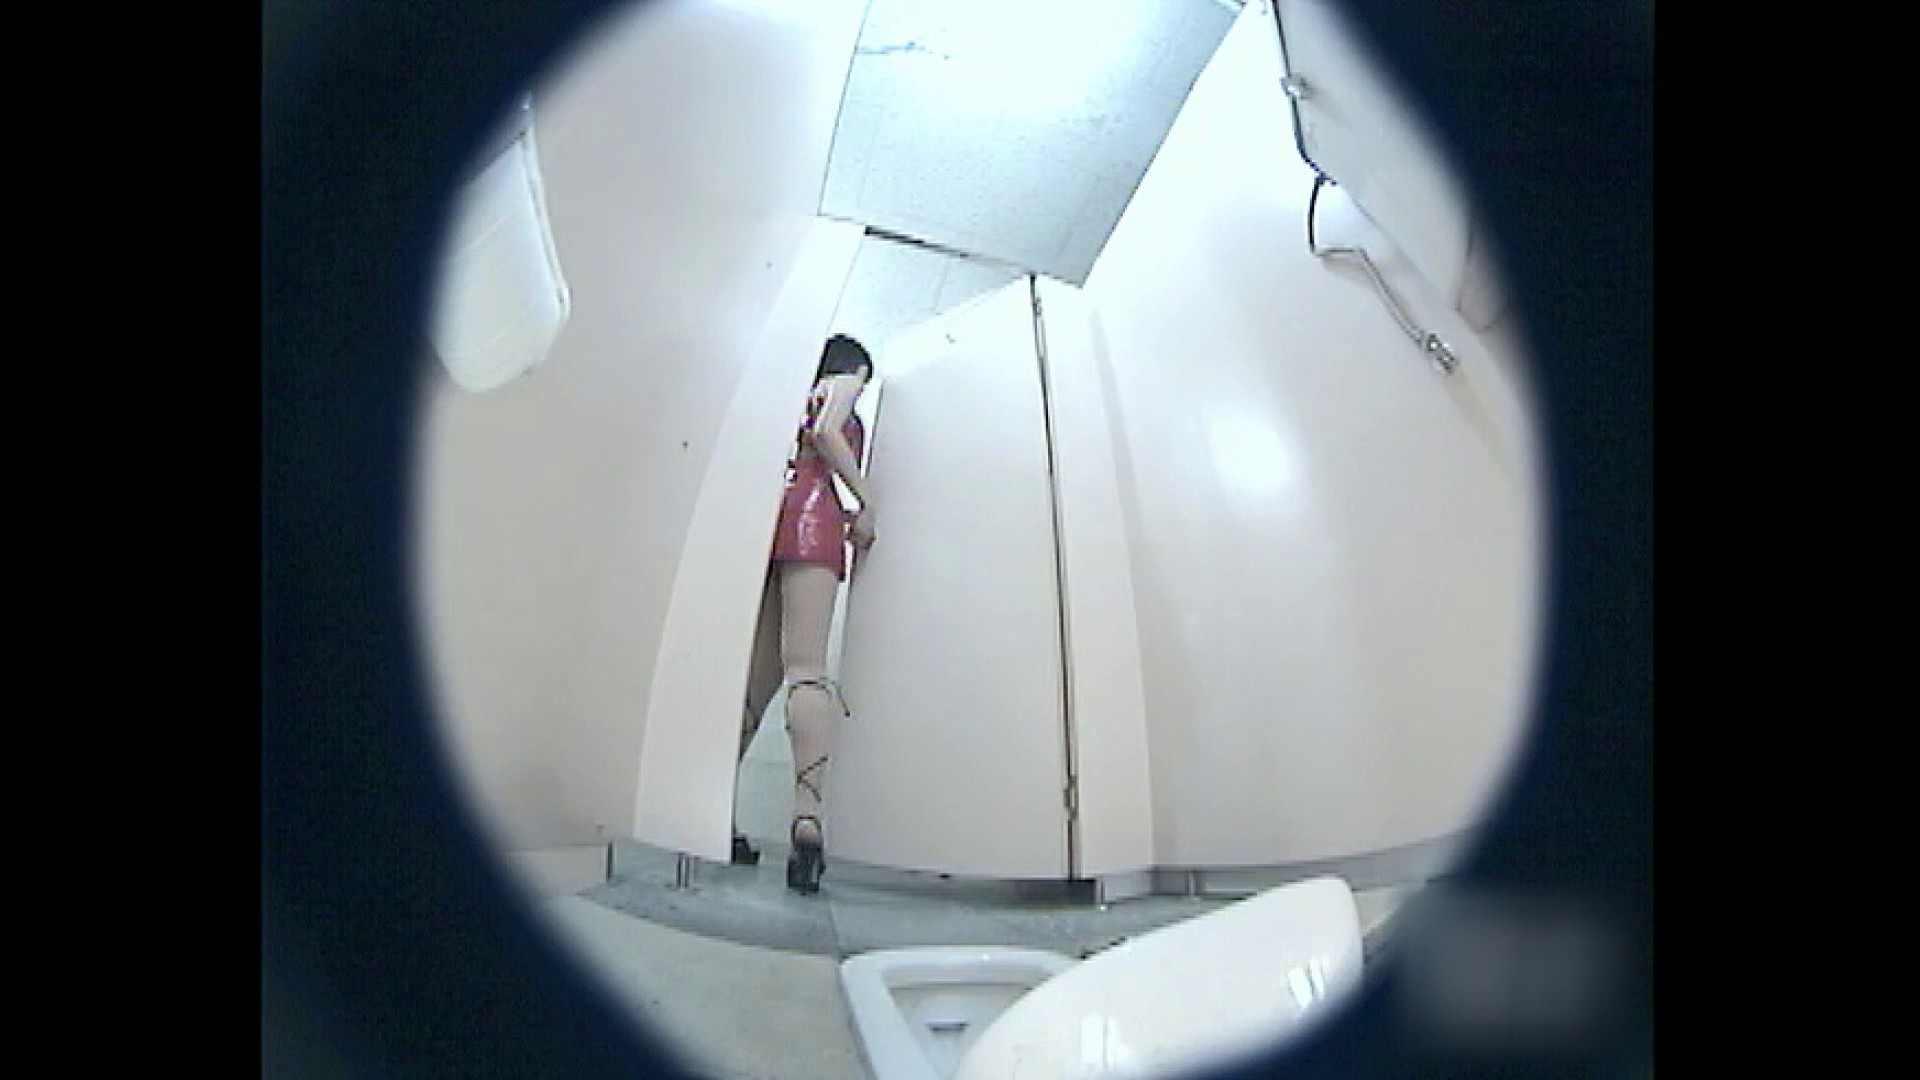 レースクィーントイレ盗撮!Vol.03 レースクィーンヌード 覗きぱこり動画紹介 109画像 76